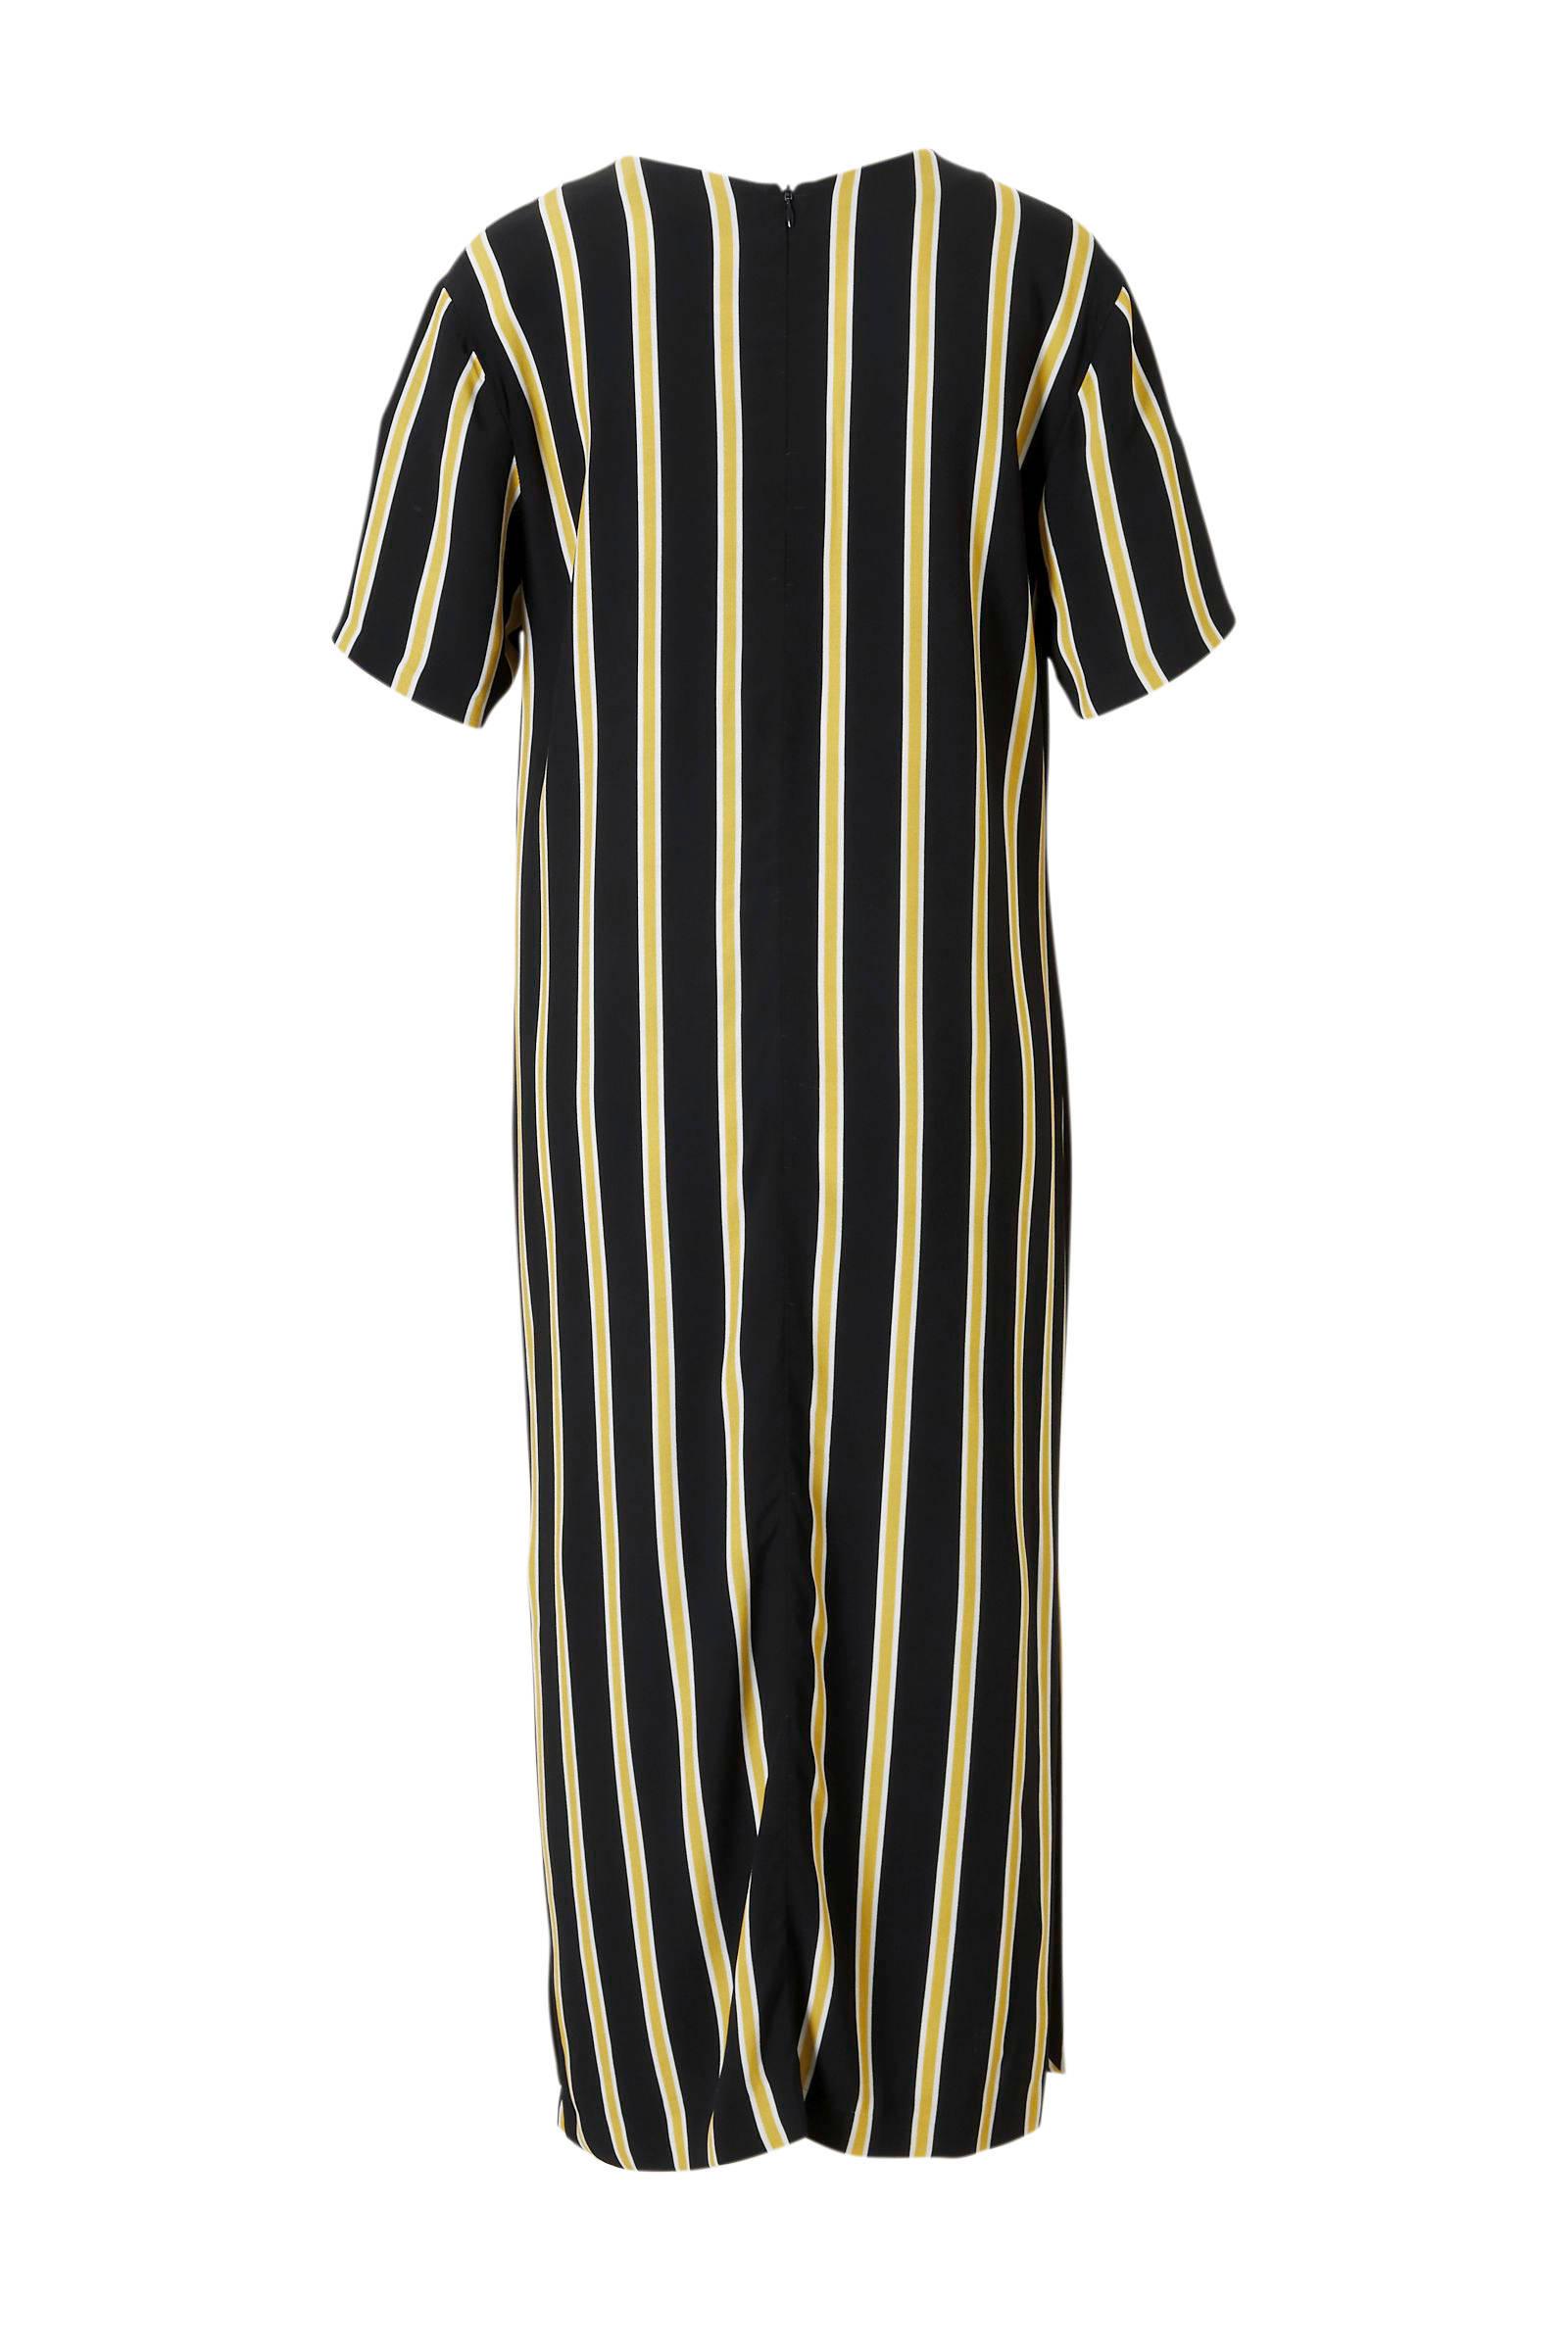 970fffe31f3b91 Summum Woman gestreepte jurk zwart